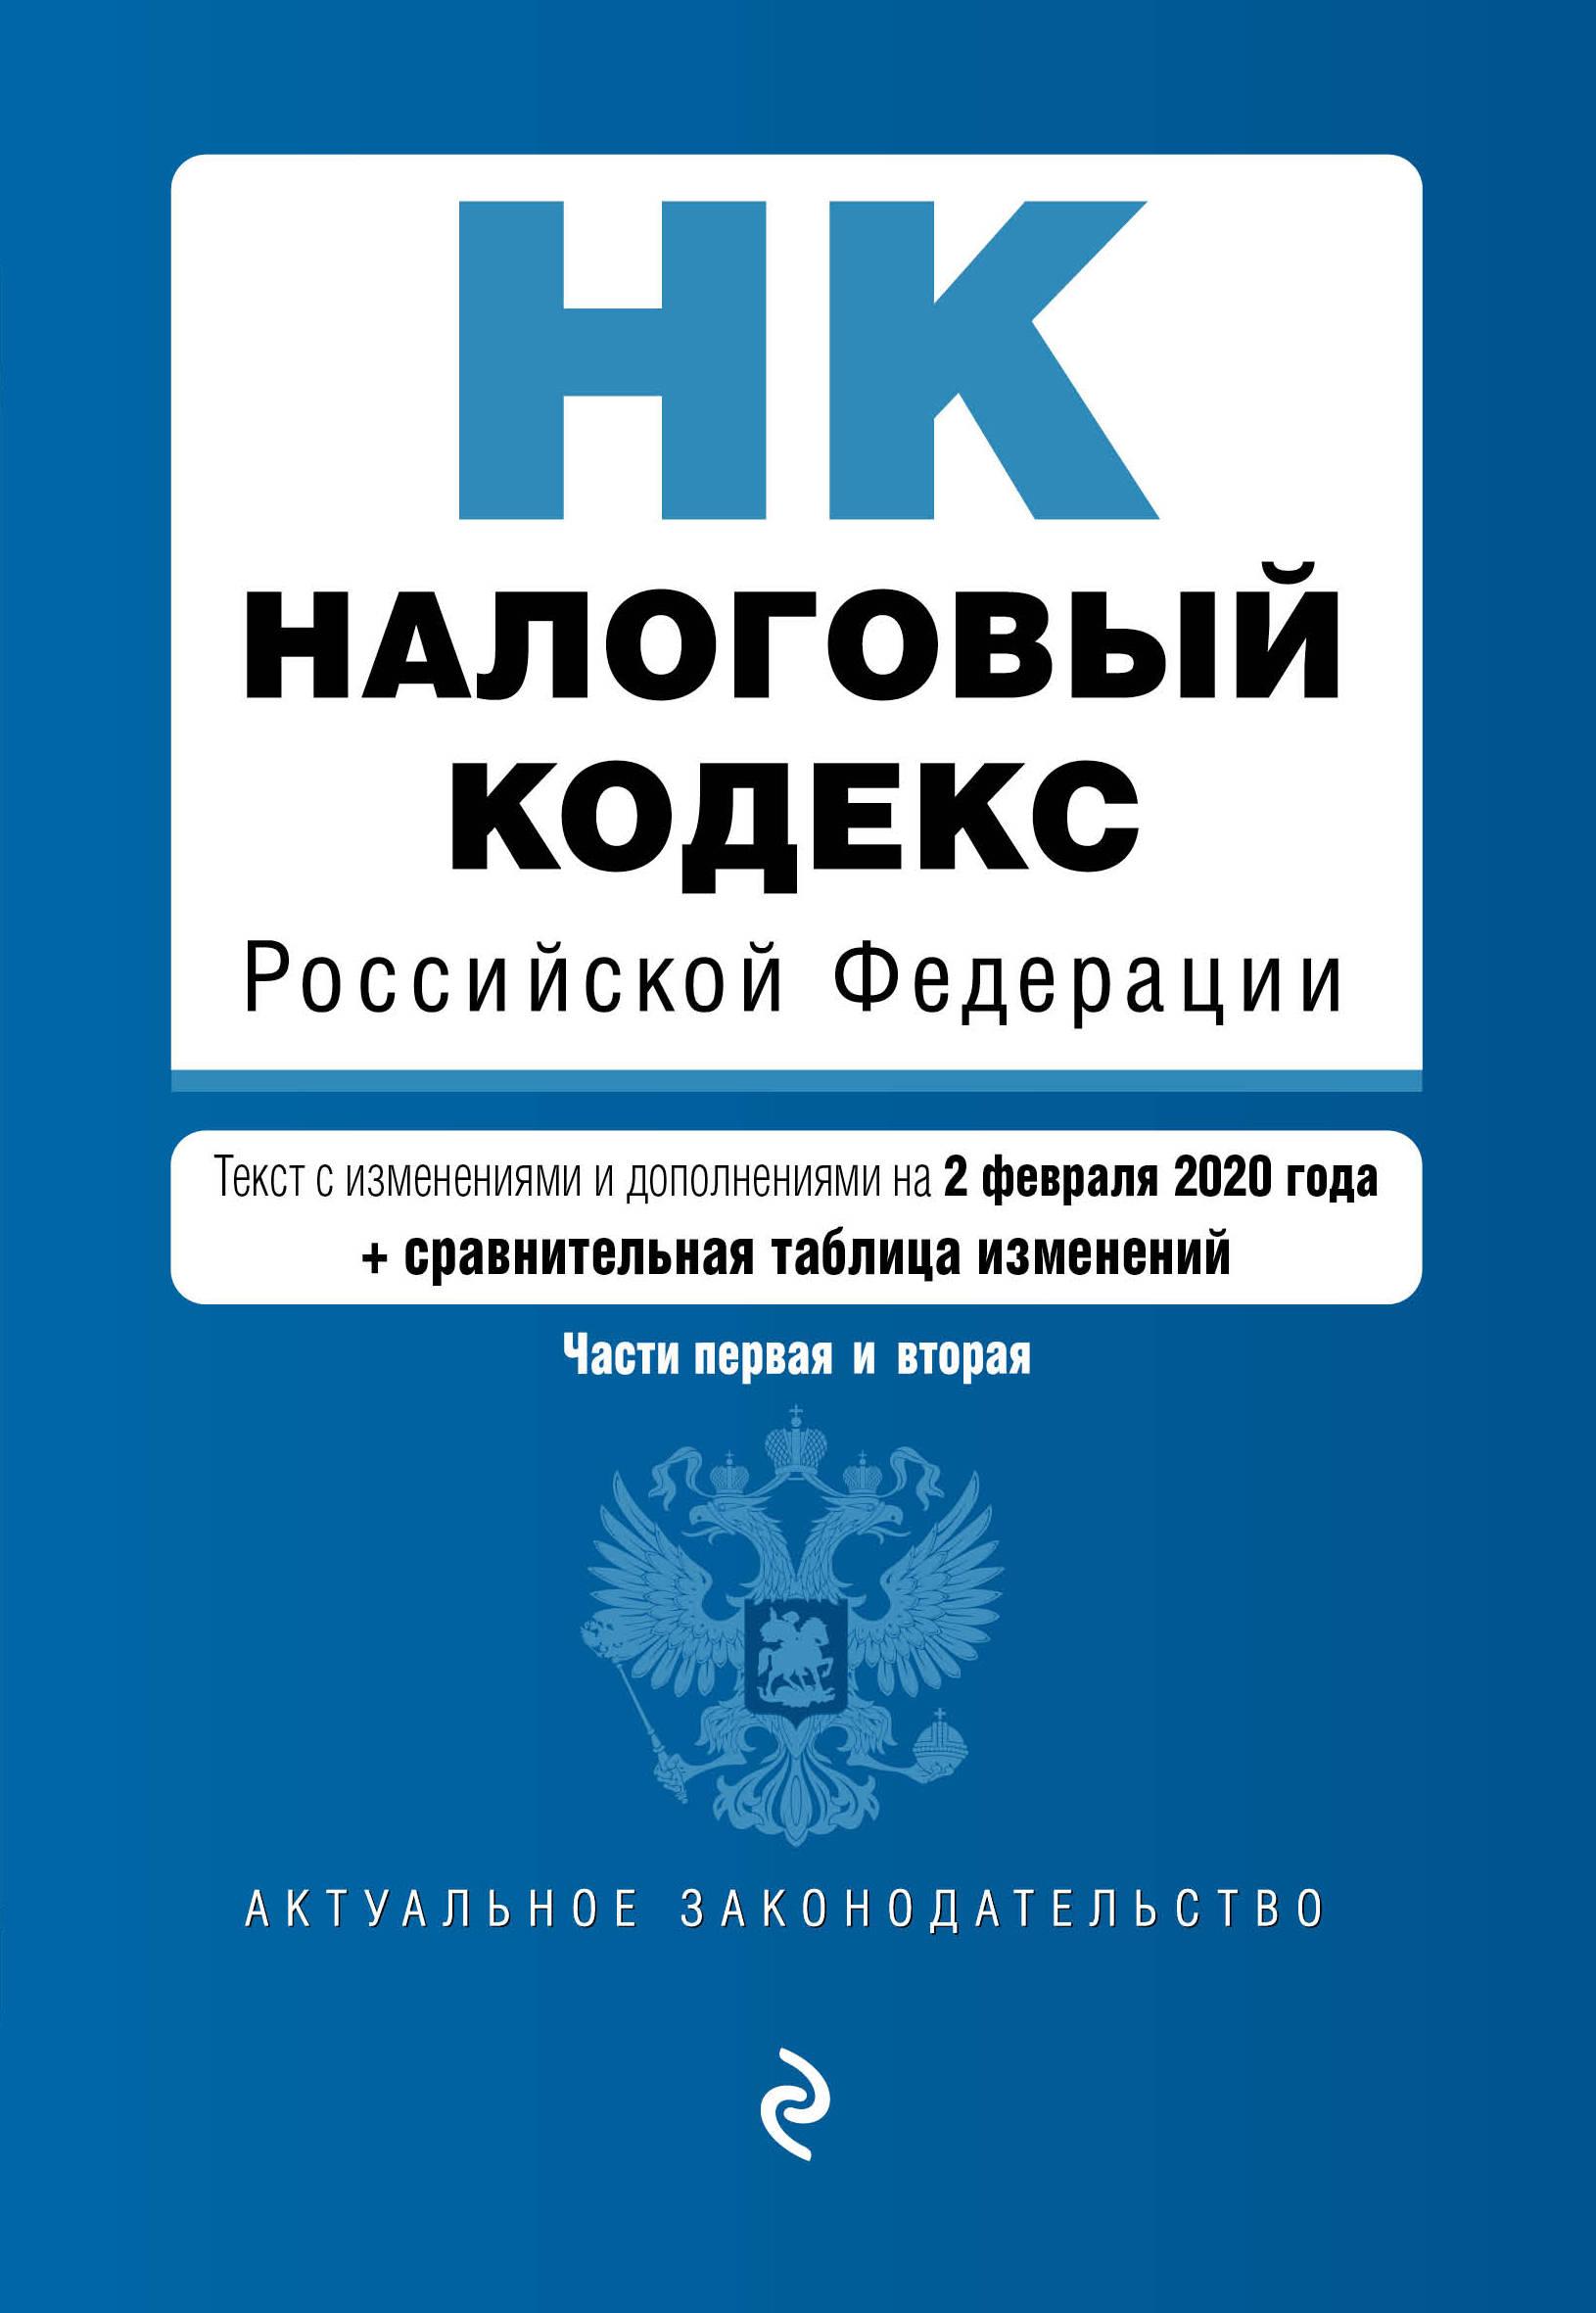 Налоговый кодекс Российской Федерации. Части 1 и 2: текст с посл. изм. и доп. на 2 февраля 2020 г. (+ путеводитель по судебной практике)